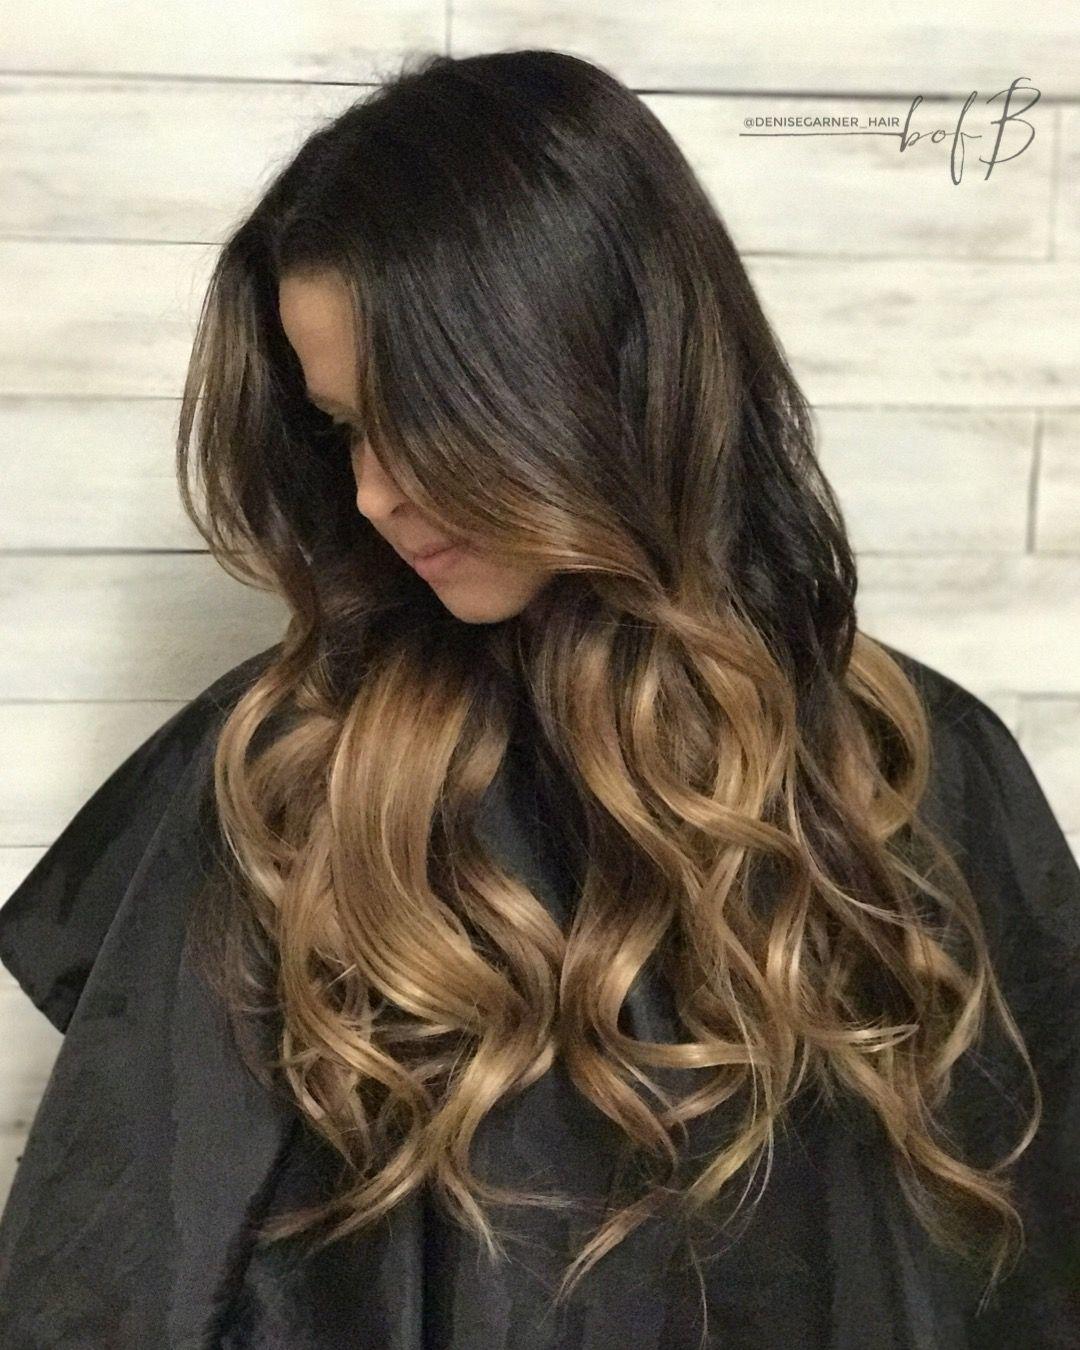 Blonde Hair Balayage Caramel Balayage Blonde Caramel Hair Long Hair Long Hair Balayage Pre Balayage Hair Caramel Balayage Hair Blonde Long Balayage Hair